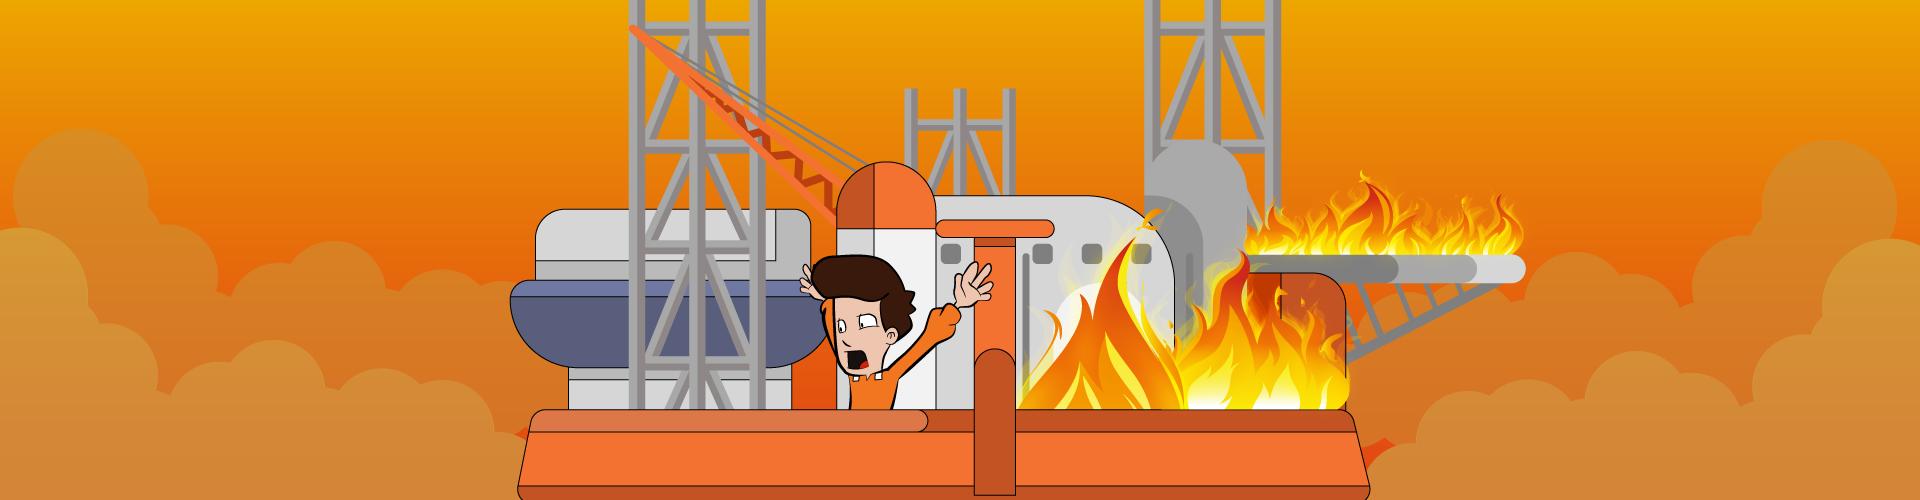 Plataformas de petróleo – 7 dicas de Segurança que salvam vidas nelas